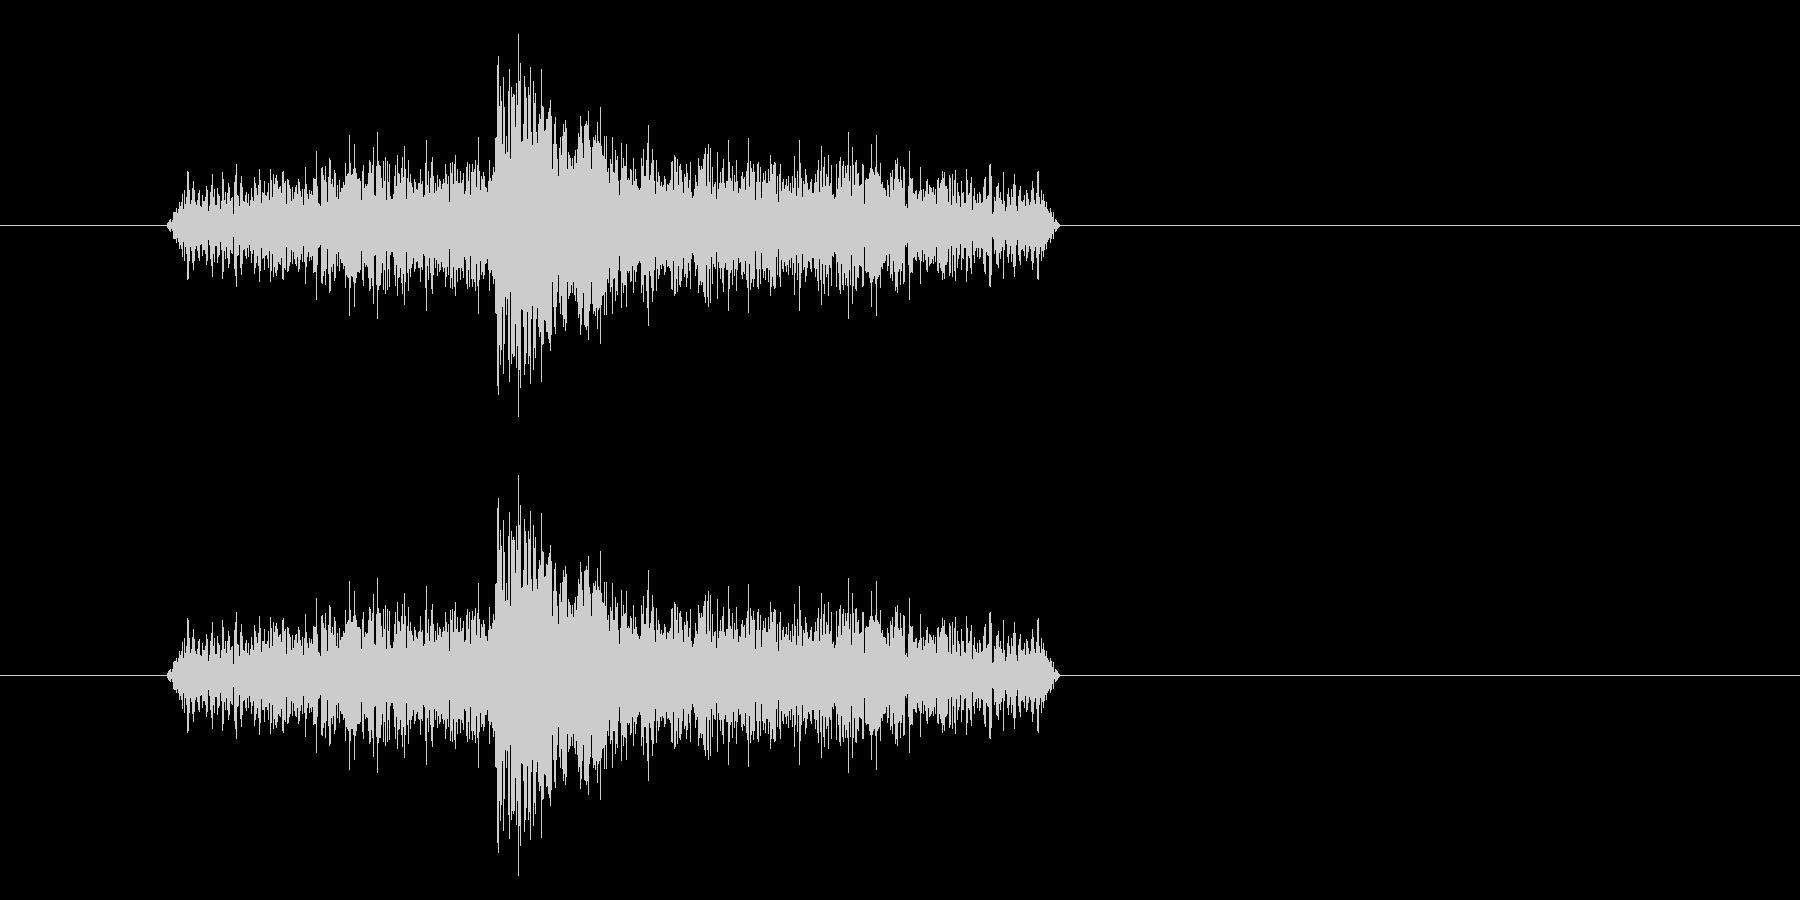 ジャン!リバースオケヒその1_音程低めの未再生の波形